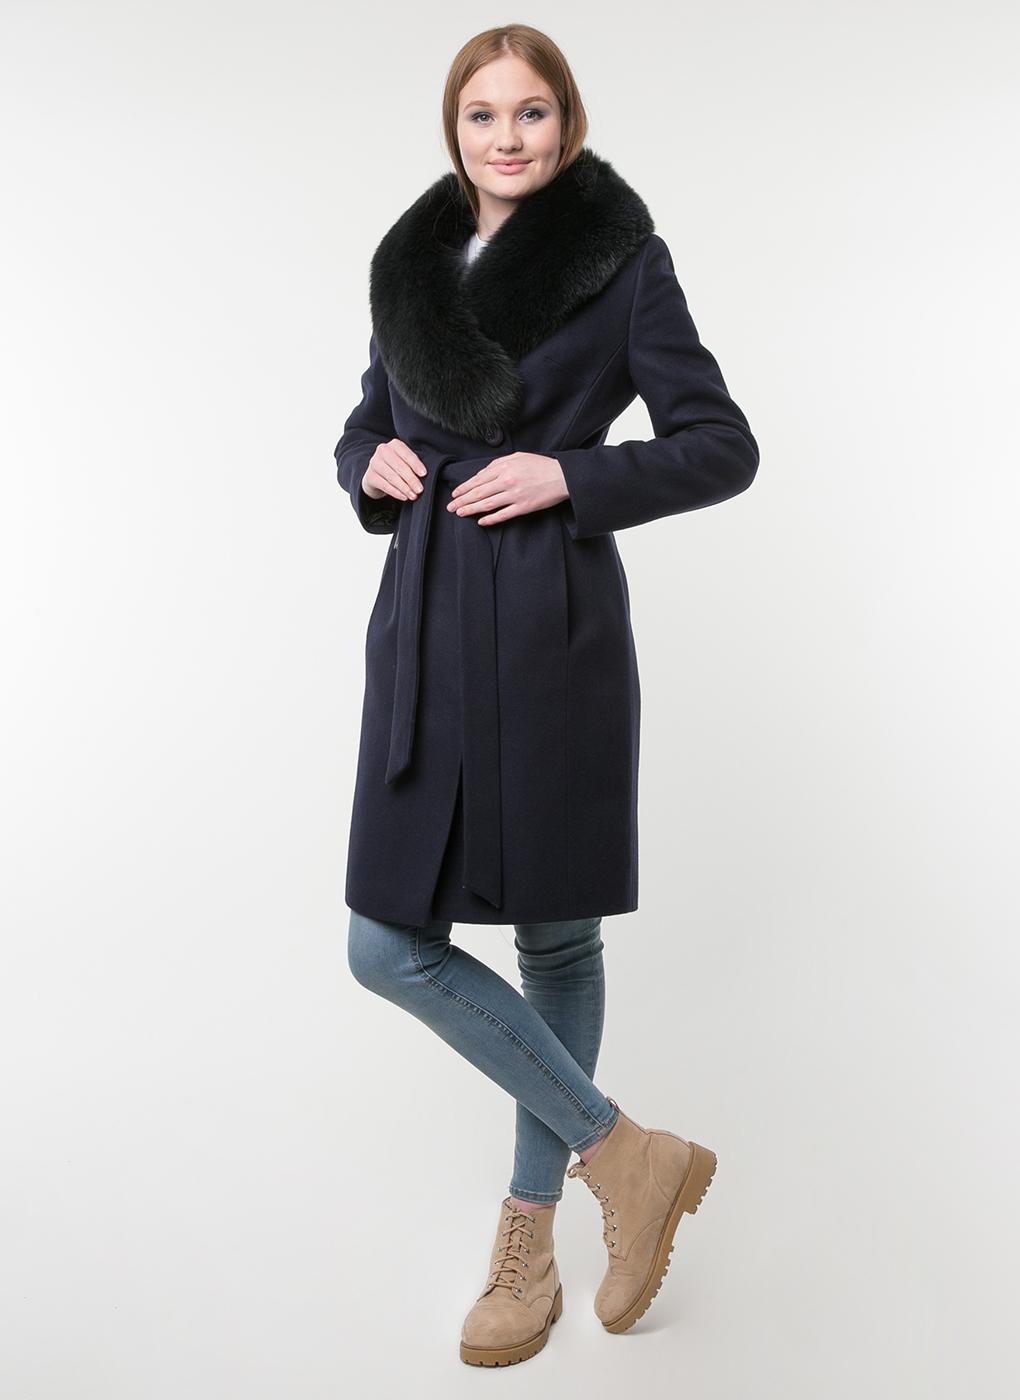 Пальто приталенное шерстяное 34, idekka